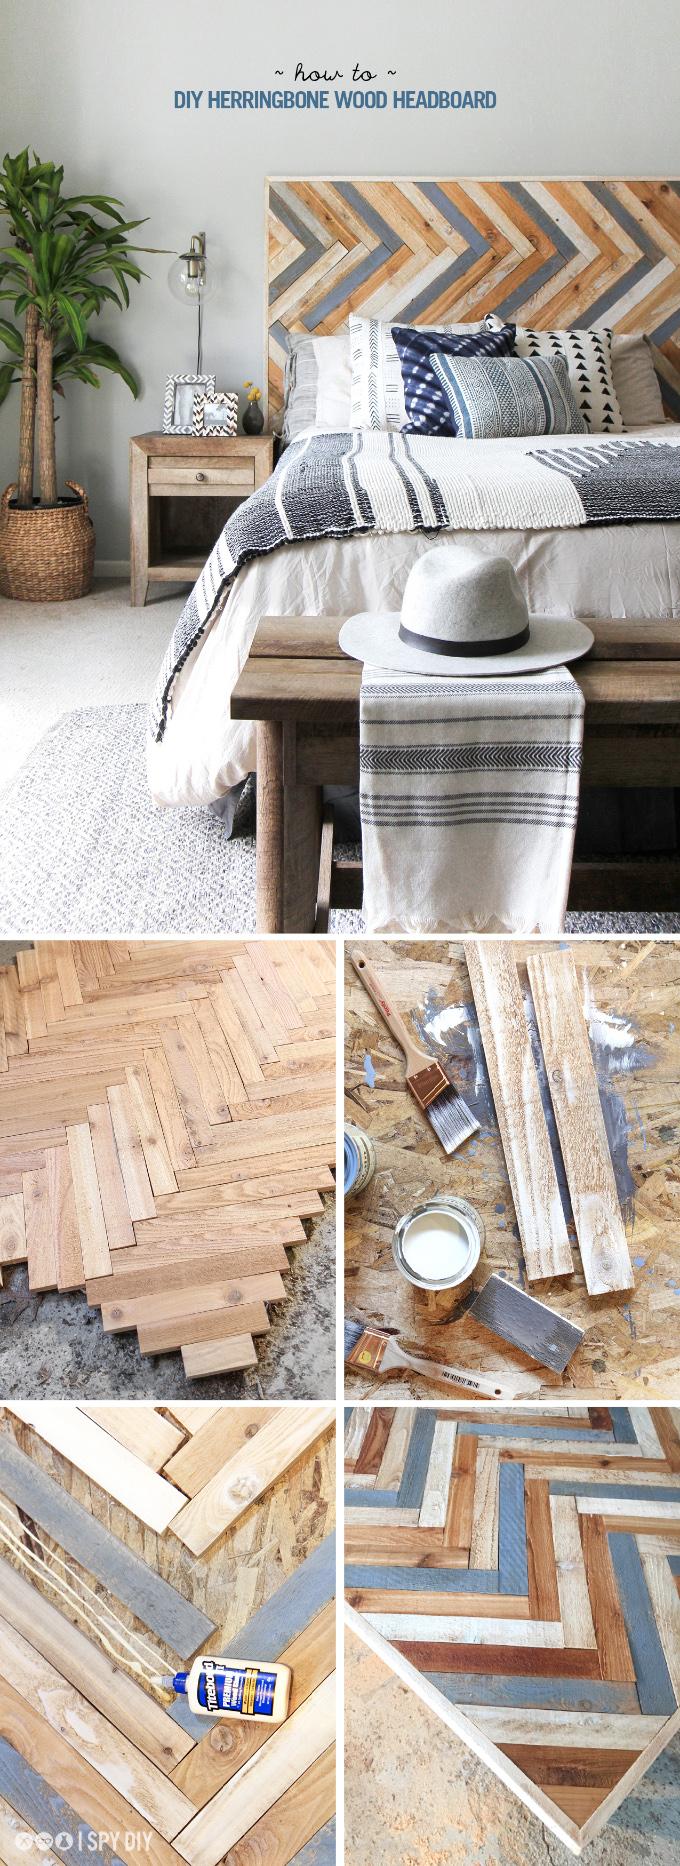 ispydiy_woodheadboard_steps